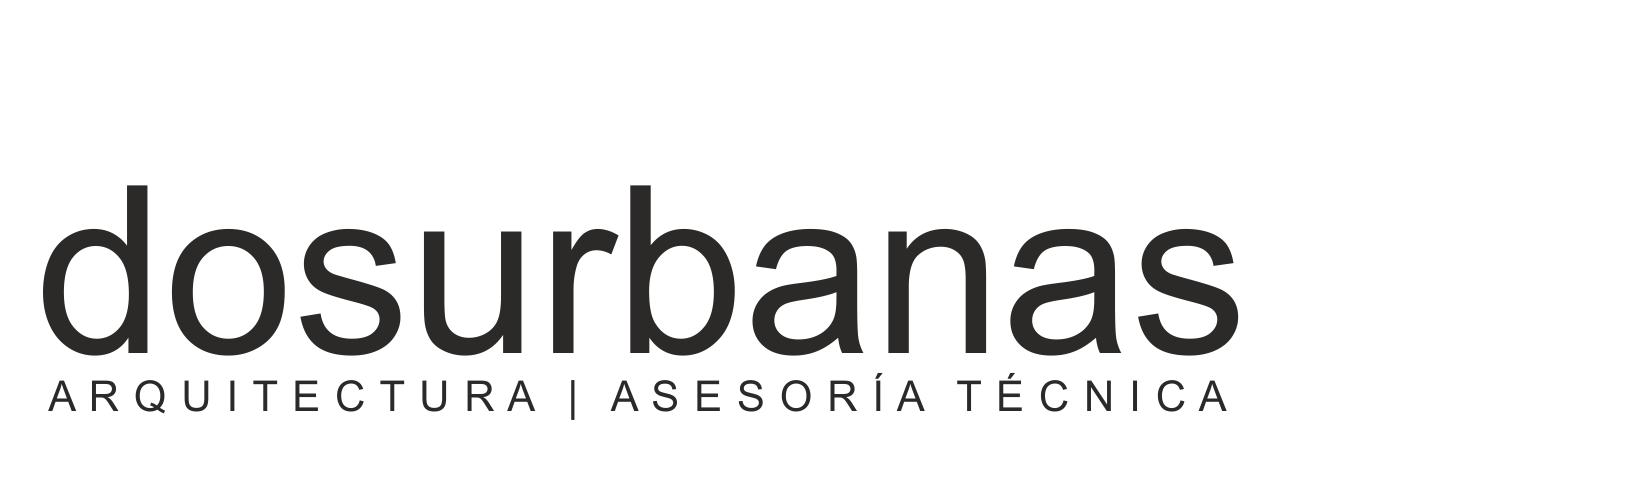 arquitectura asesoría técnica